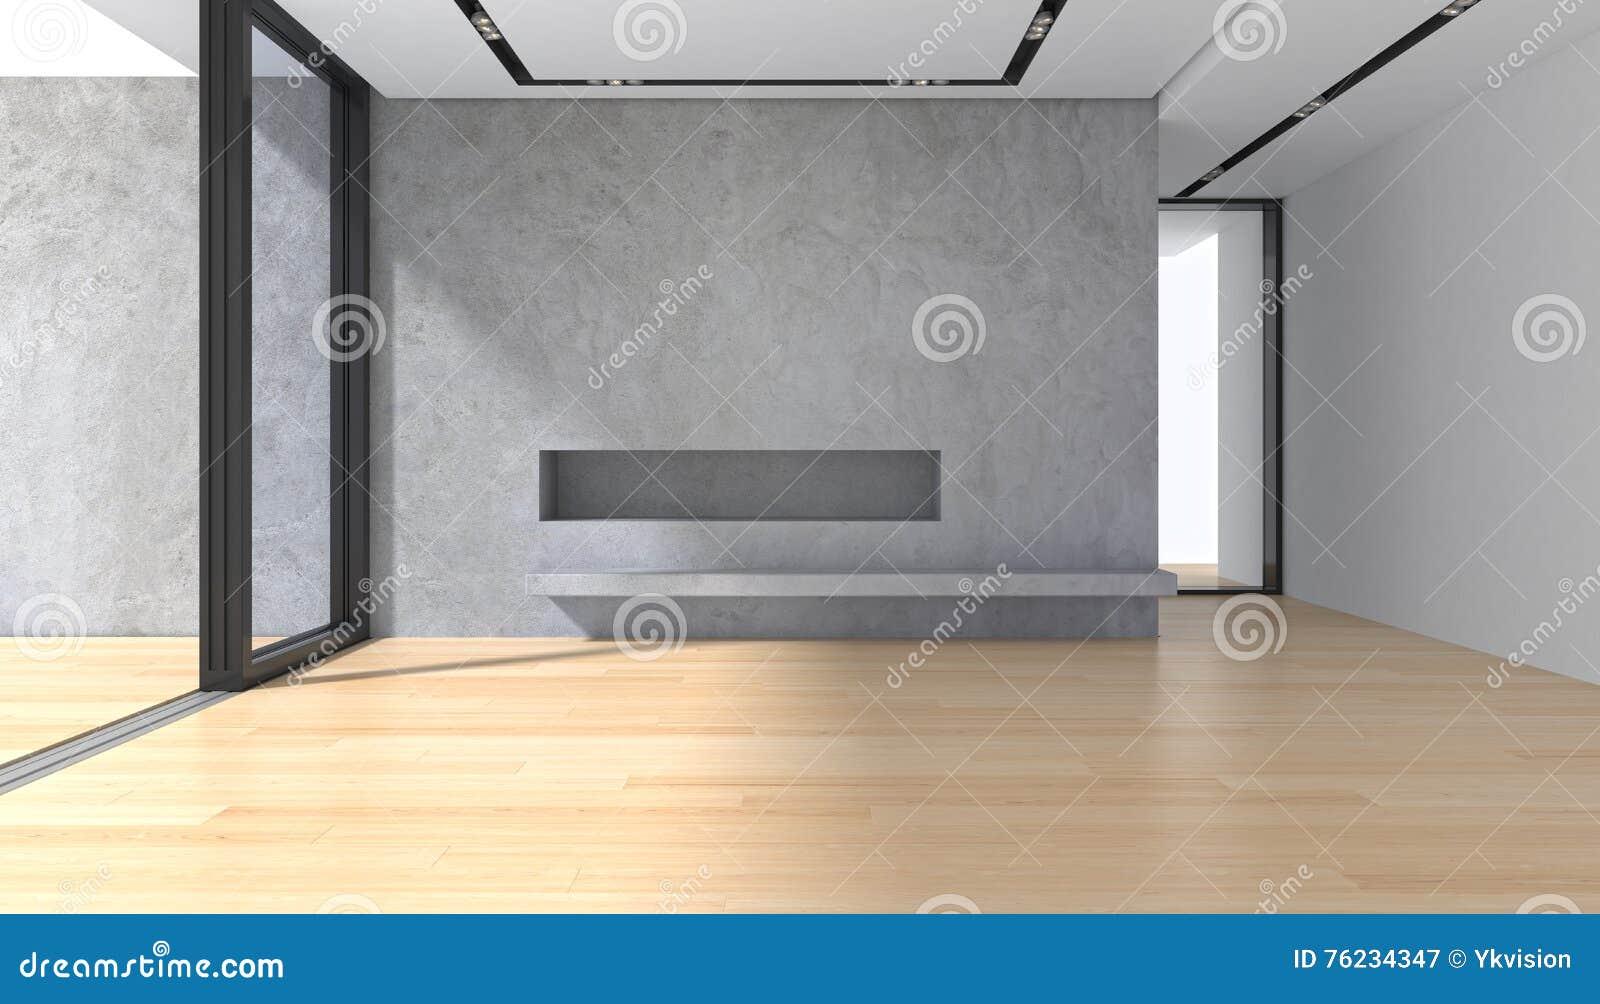 Sitio vacío con el piso de entarimado del muro de cemento y la ventana panorámica